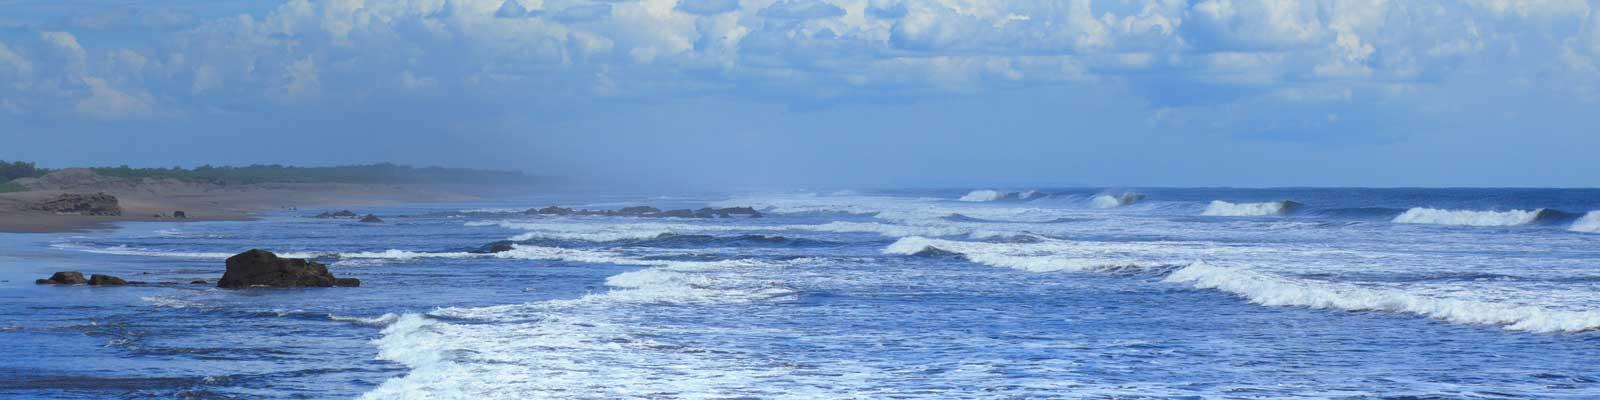 Nicaragua Praias Oceanos Casas, Praias, Ferias.